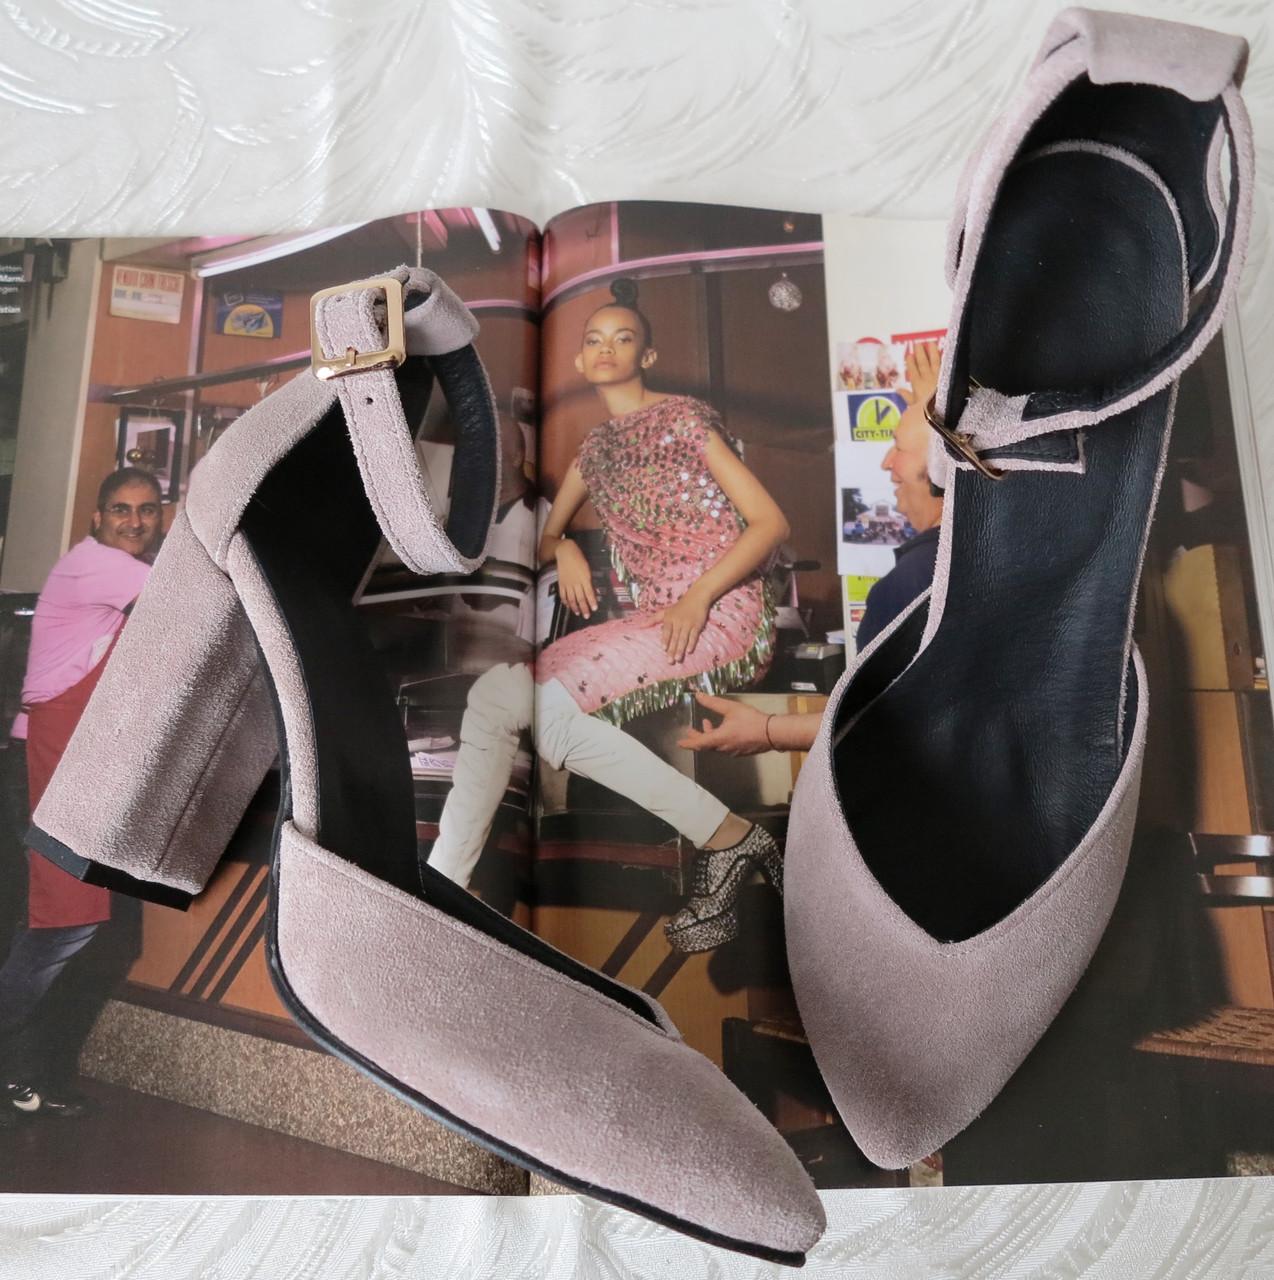 38 р. Туфли женские бежевые замшевые на каблуке с ремешком, из натуральной замши, натуральная замша